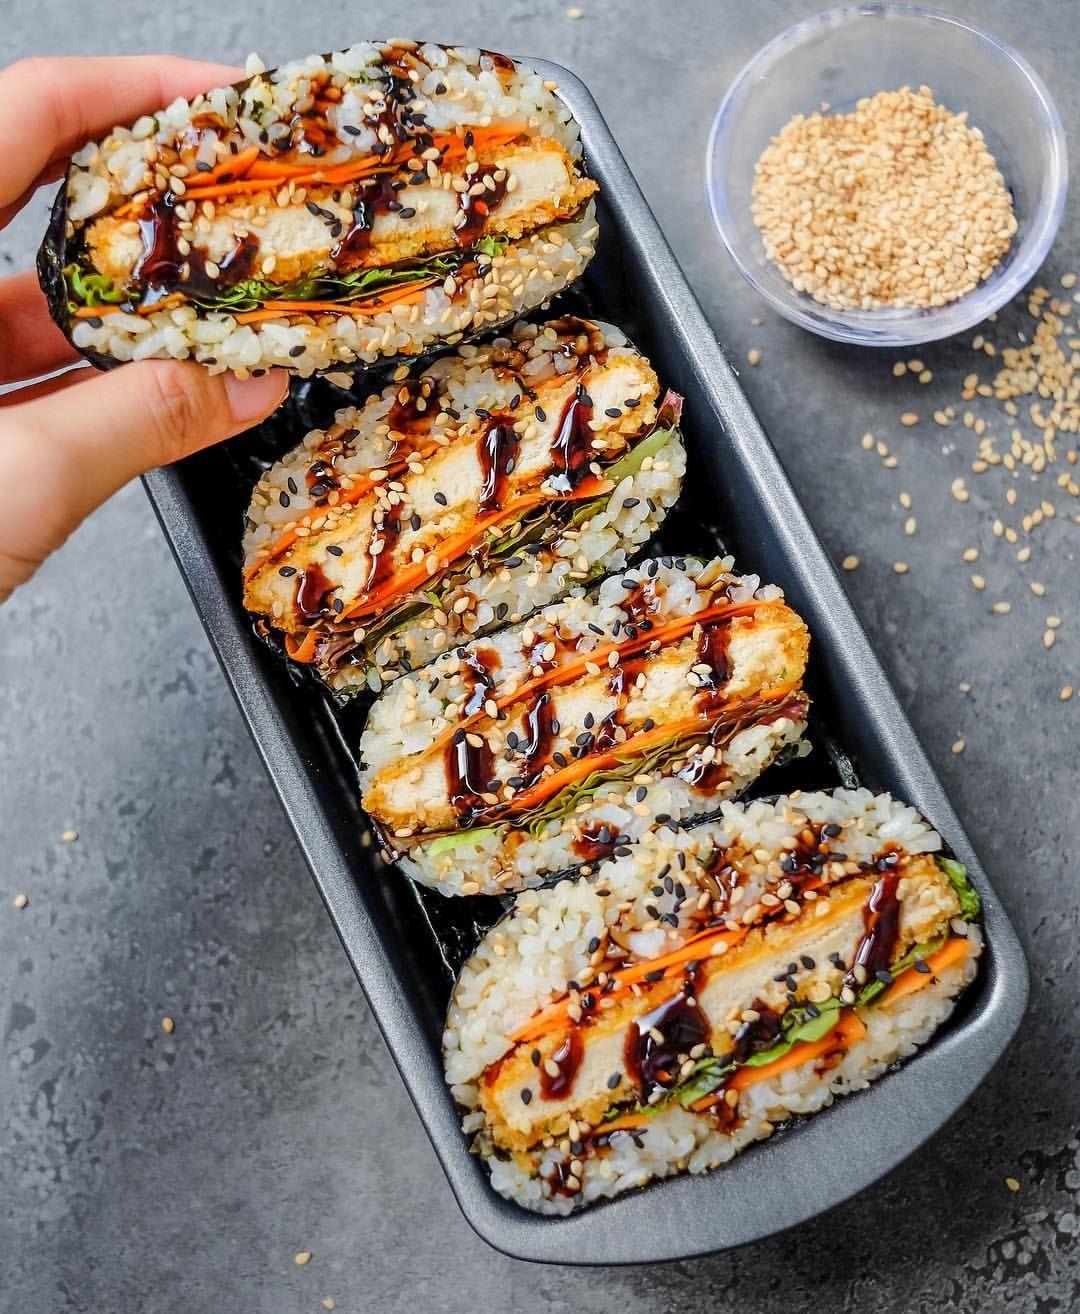 Jeeca Uy Vegan 20 On Instagram Katsu Sushi Sandwiches Or Onigirazus I Used Japanese Sushi Rice Wrapped I Vegan Recipes Easy Sushi Recipes Sushi Rice